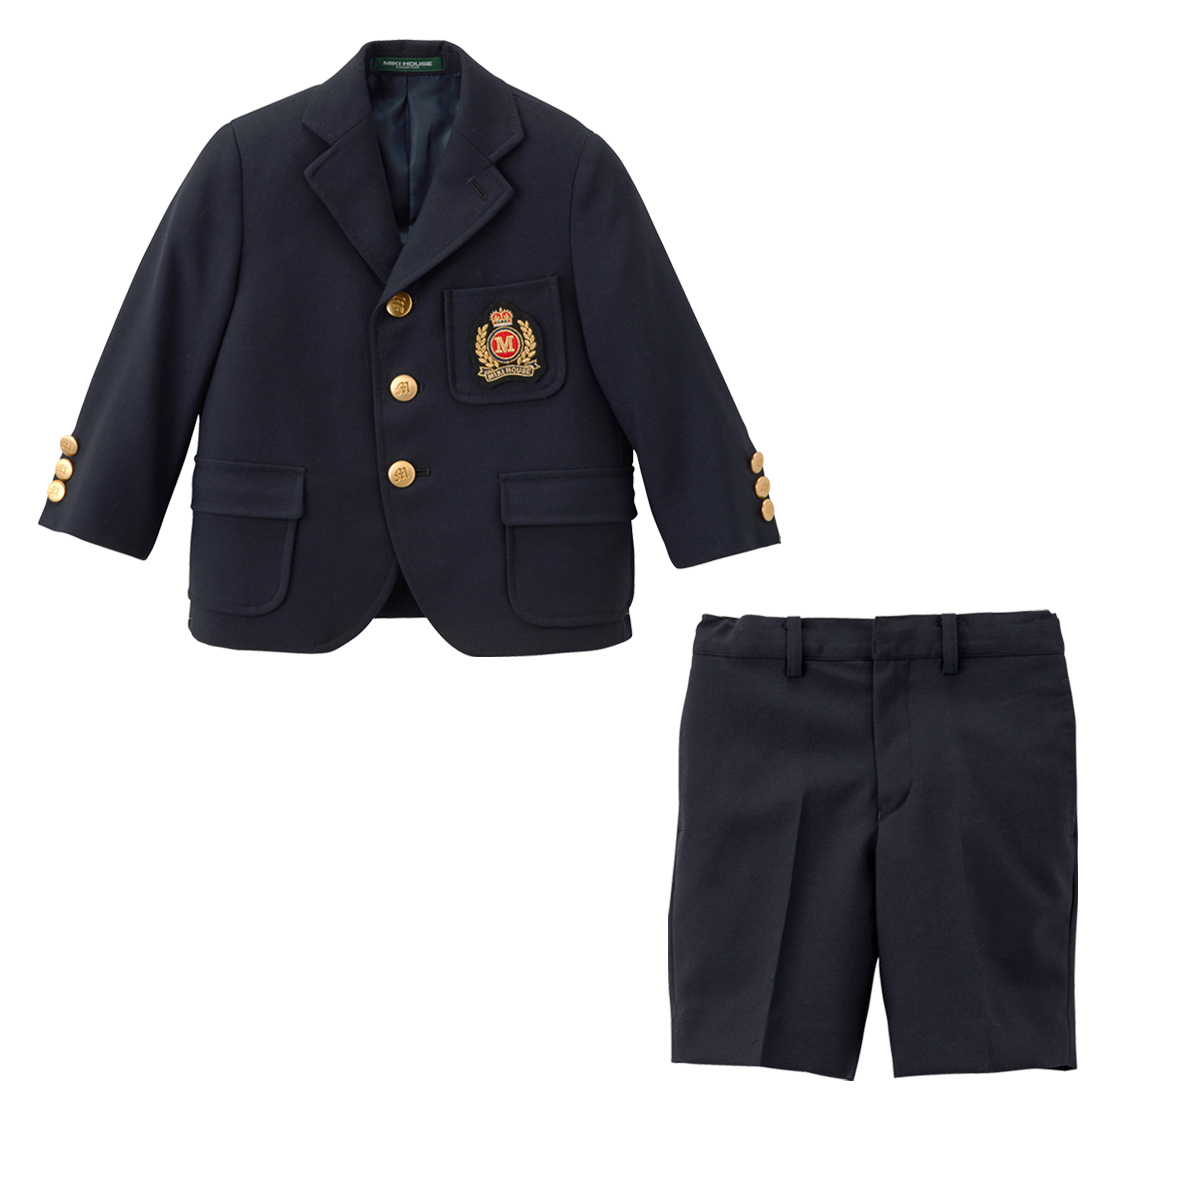 ミキハウス mikihouse エンブレムつきスーツ(95cm・100cm・110cm) バーゲン